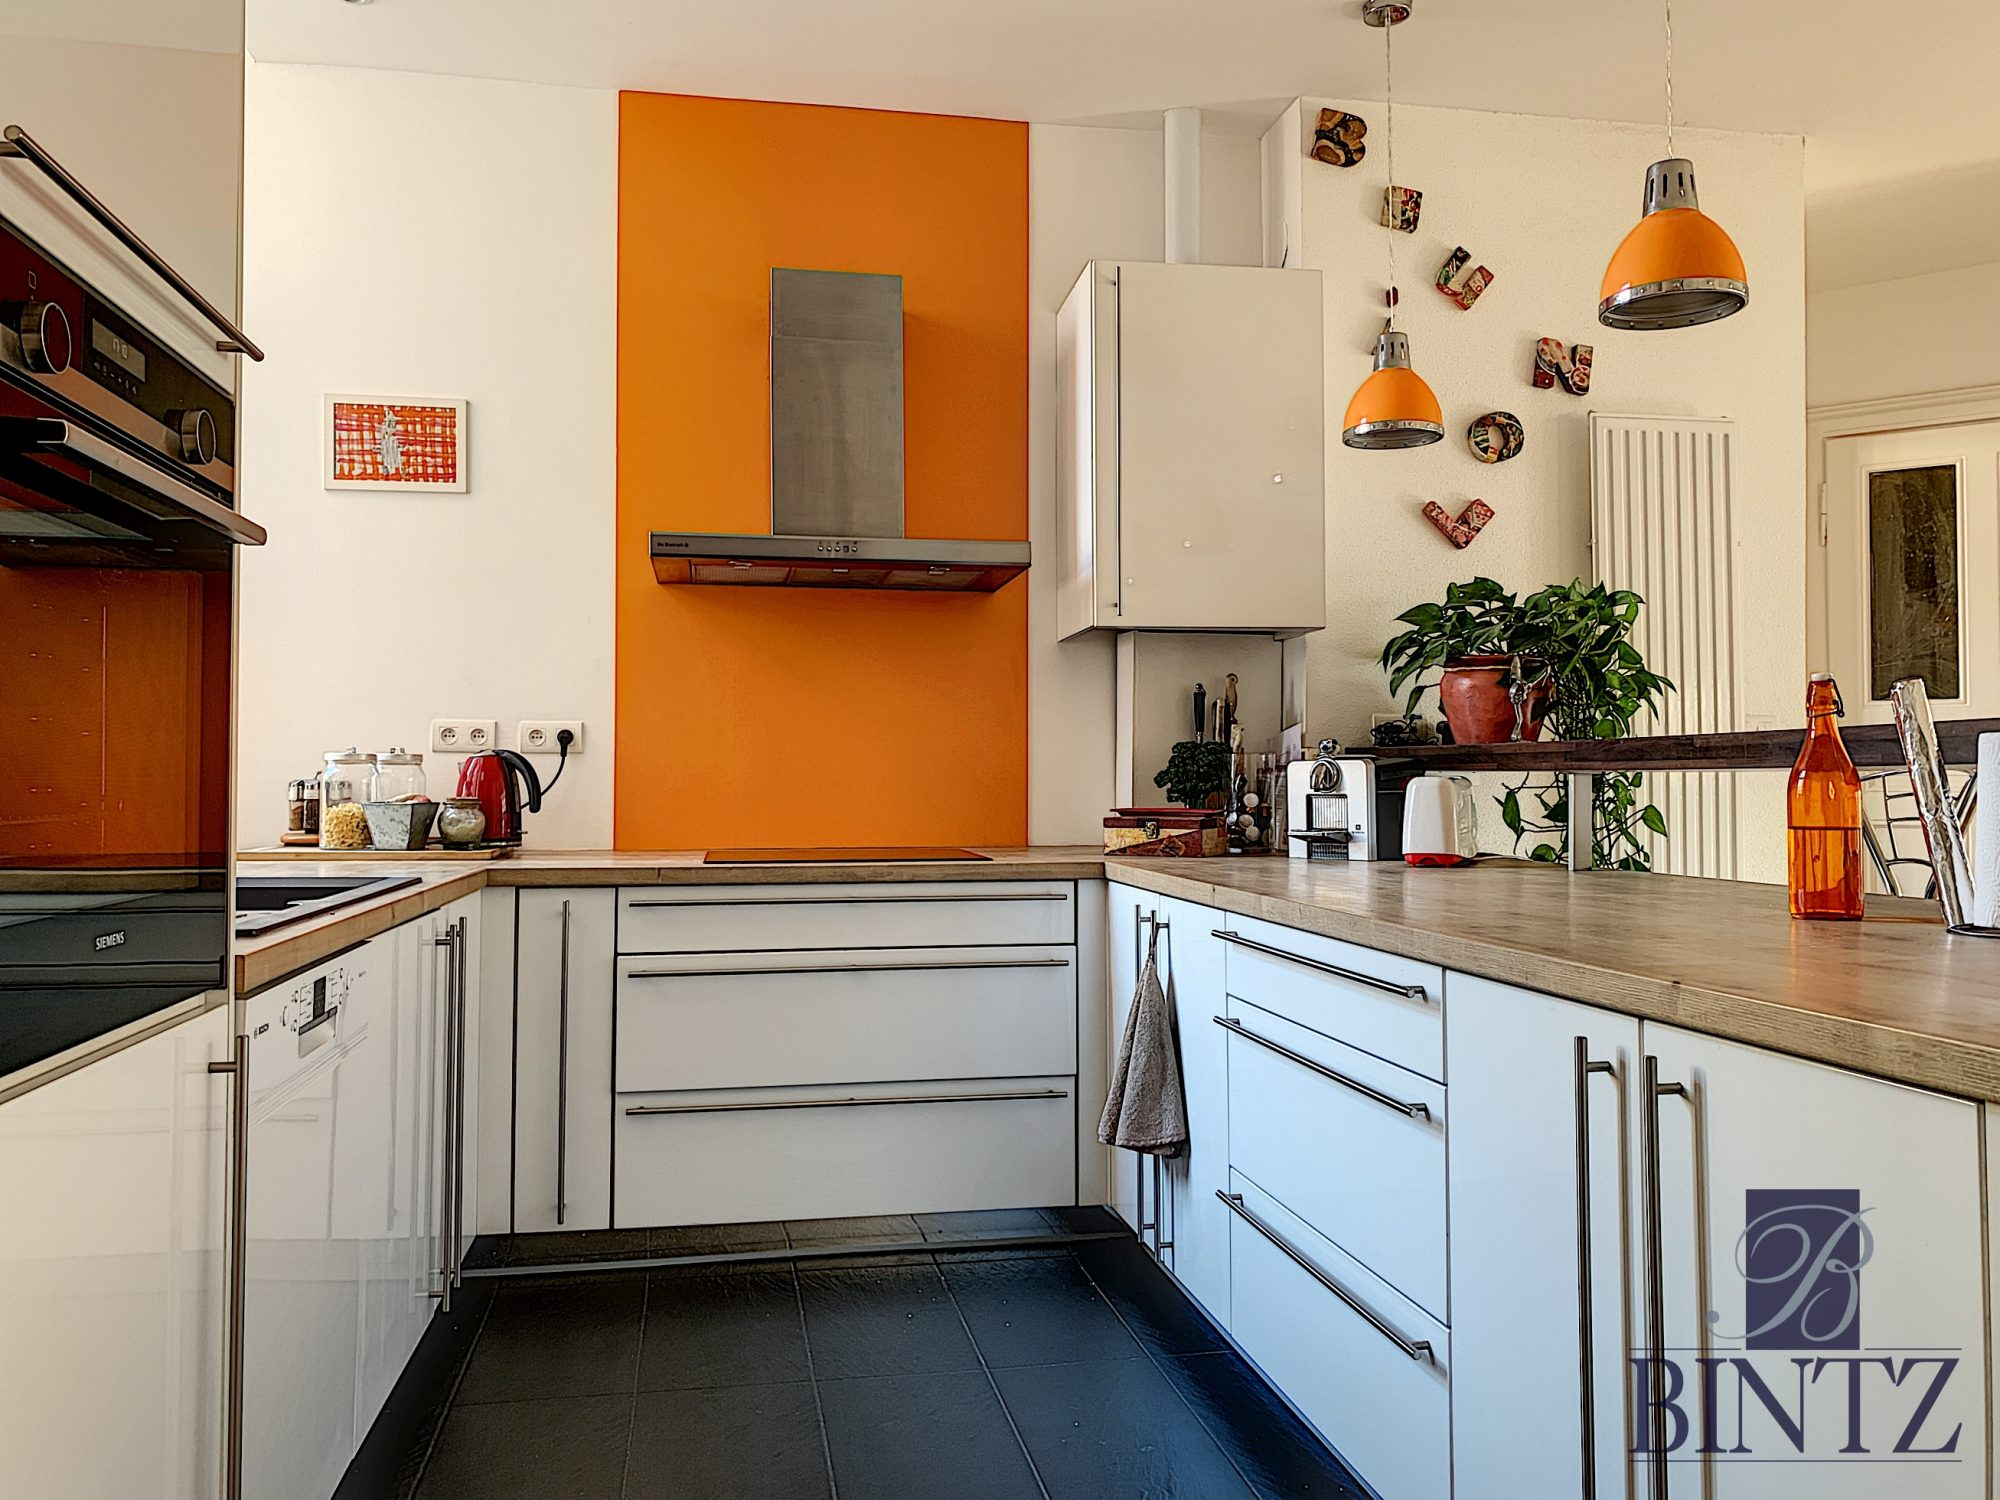 Appartement contemporain quartier forêt noire - Devenez propriétaire en toute confiance - Bintz Immobilier - 4